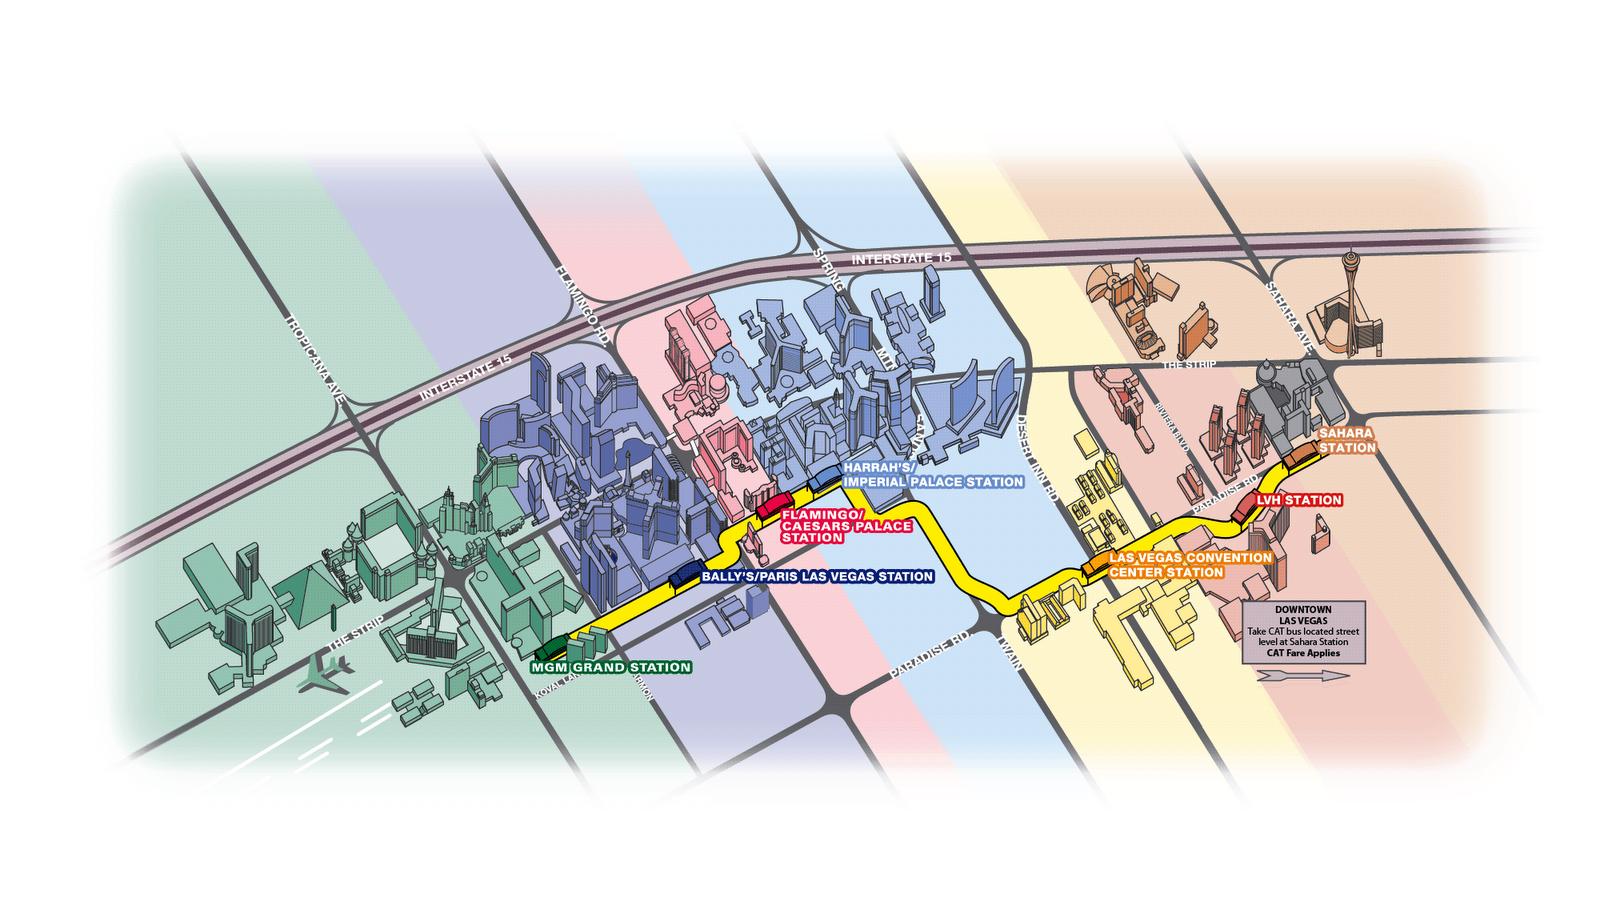 Las Vegas Monorail Map